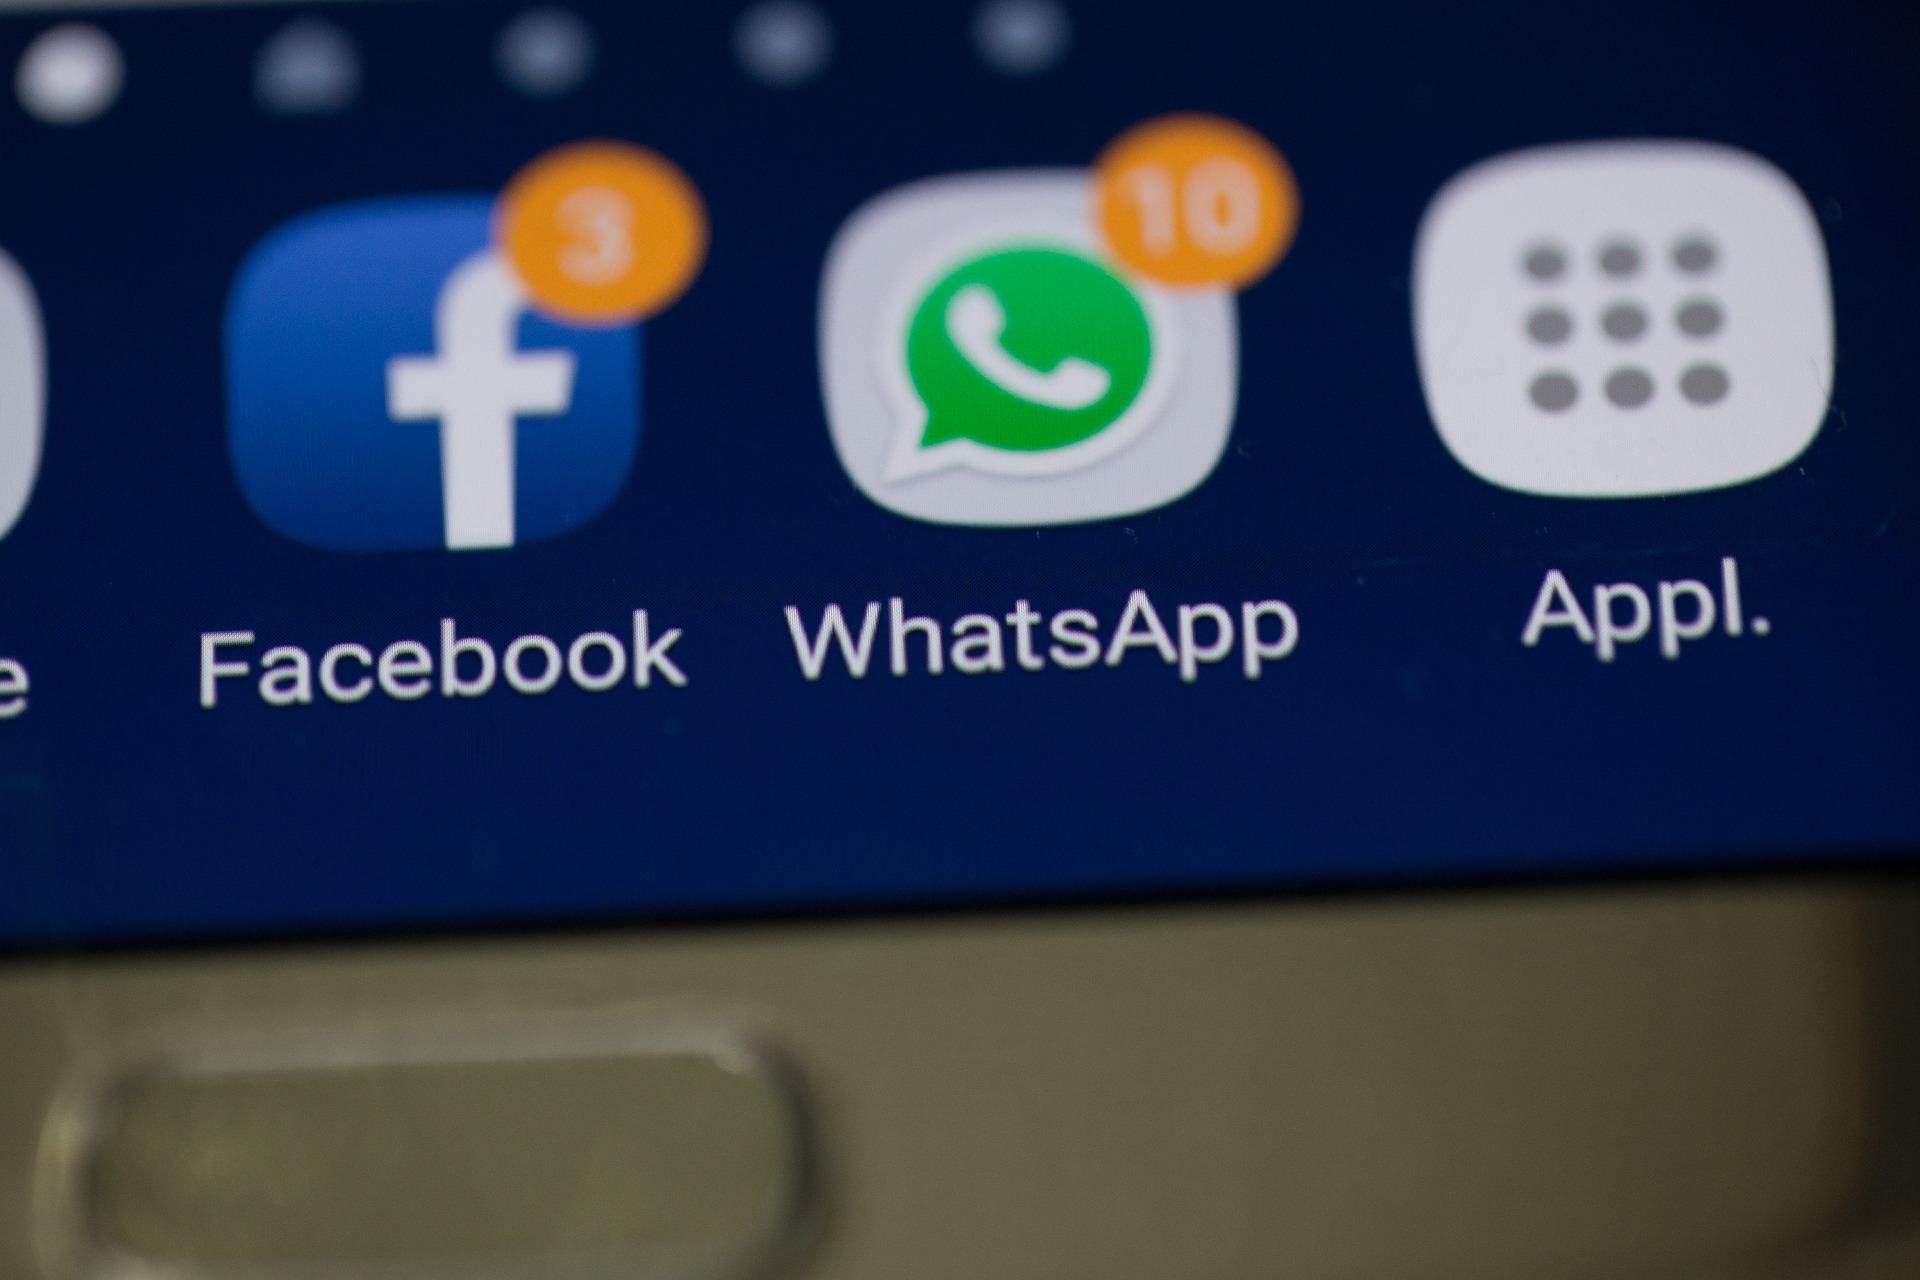 Distractions like social media kill productivity